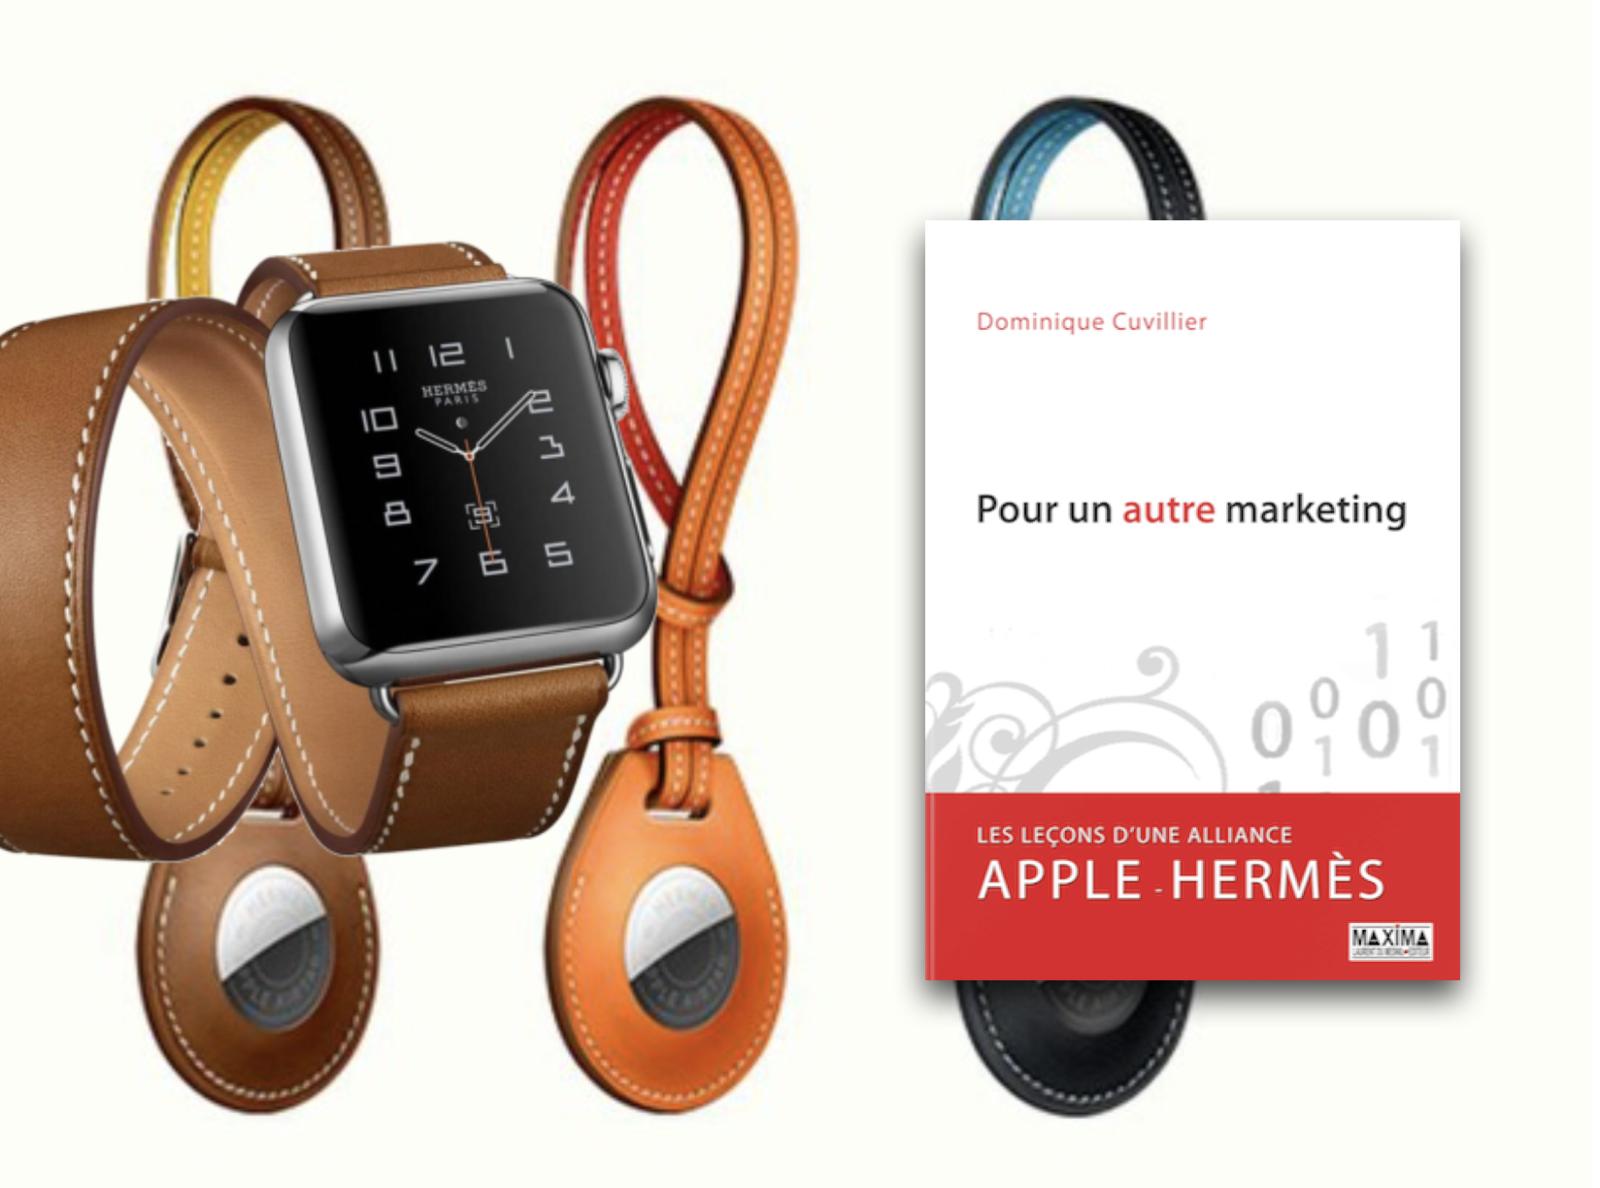 La luxury touch d'Apple et la digitale attraction d'Hermès